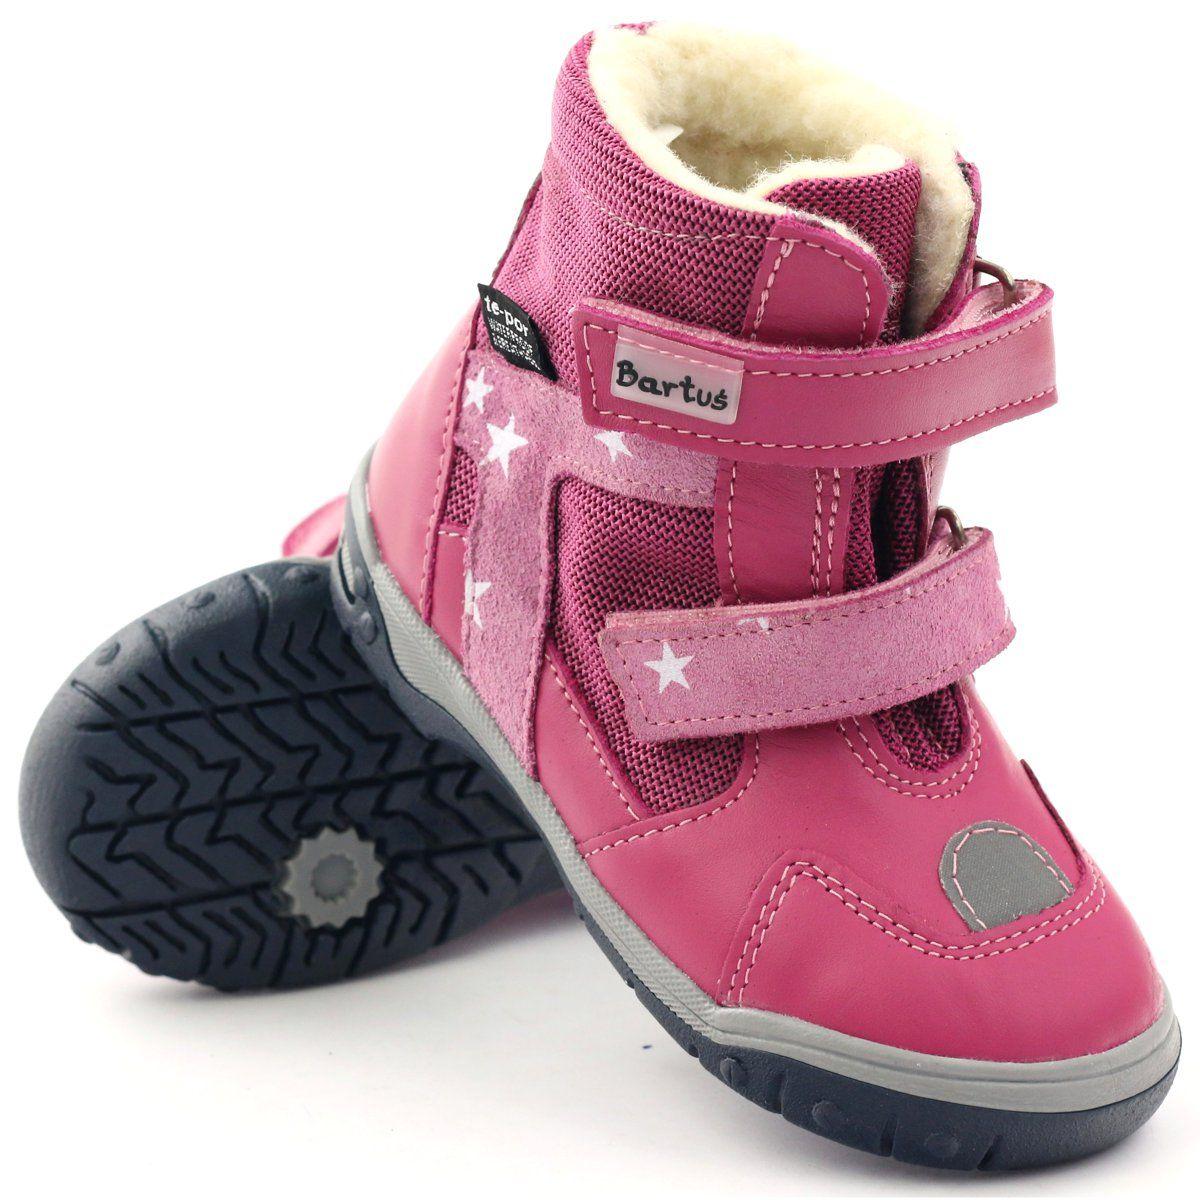 Bartus Trzewiki Kozaczki Z Membrana 315 Rzepy Rozowe Boots Childrens Boots Kid Shoes